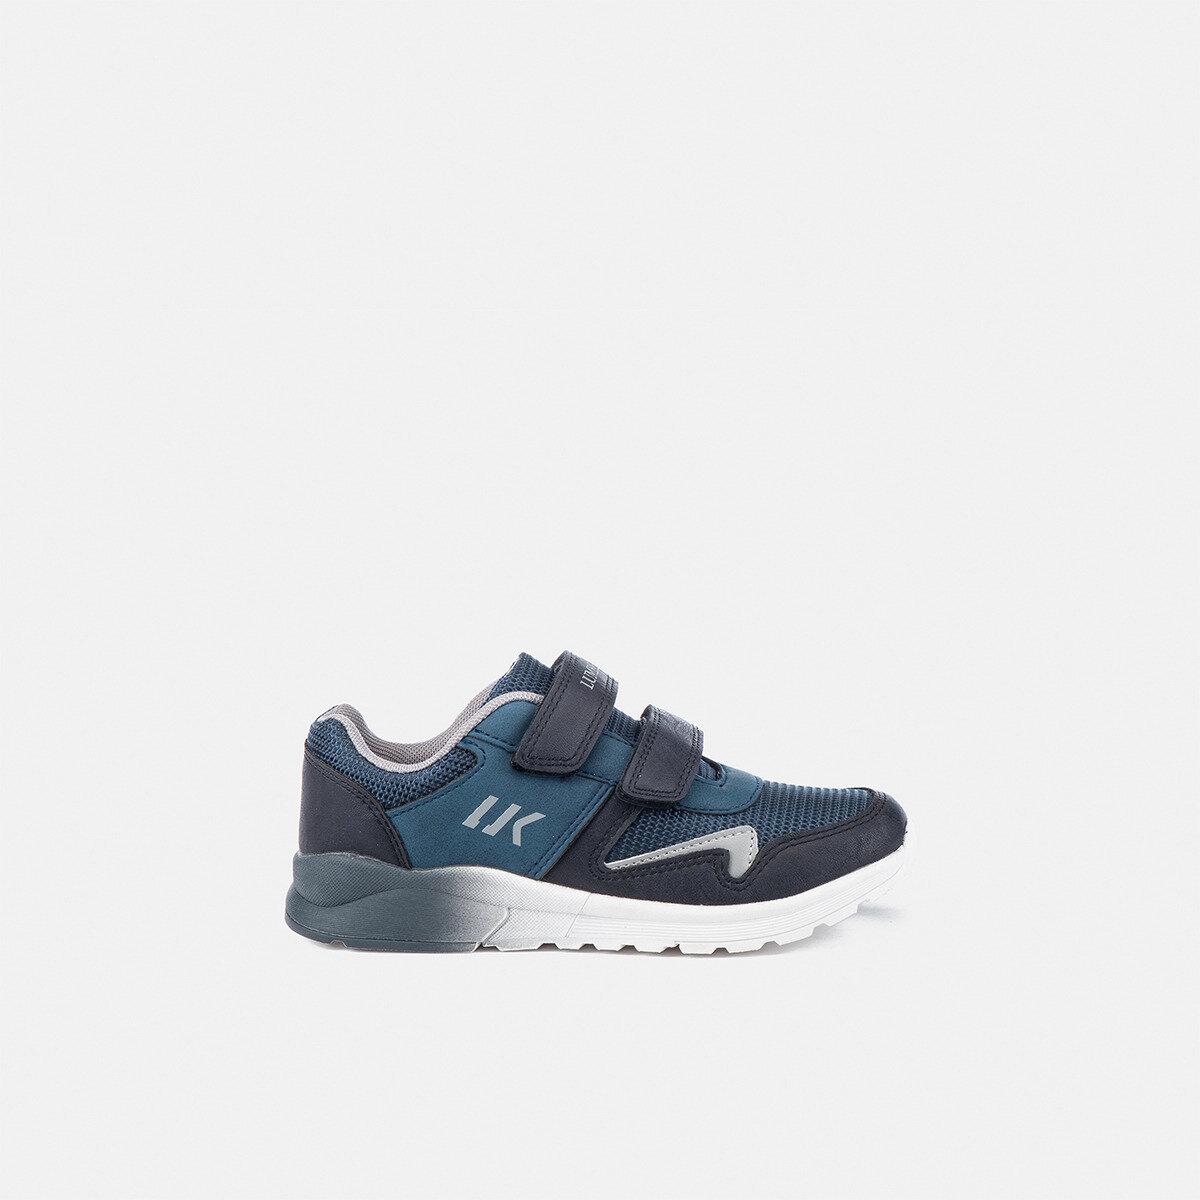 SWING NAVY BLUE/GREY Boy Sneakers